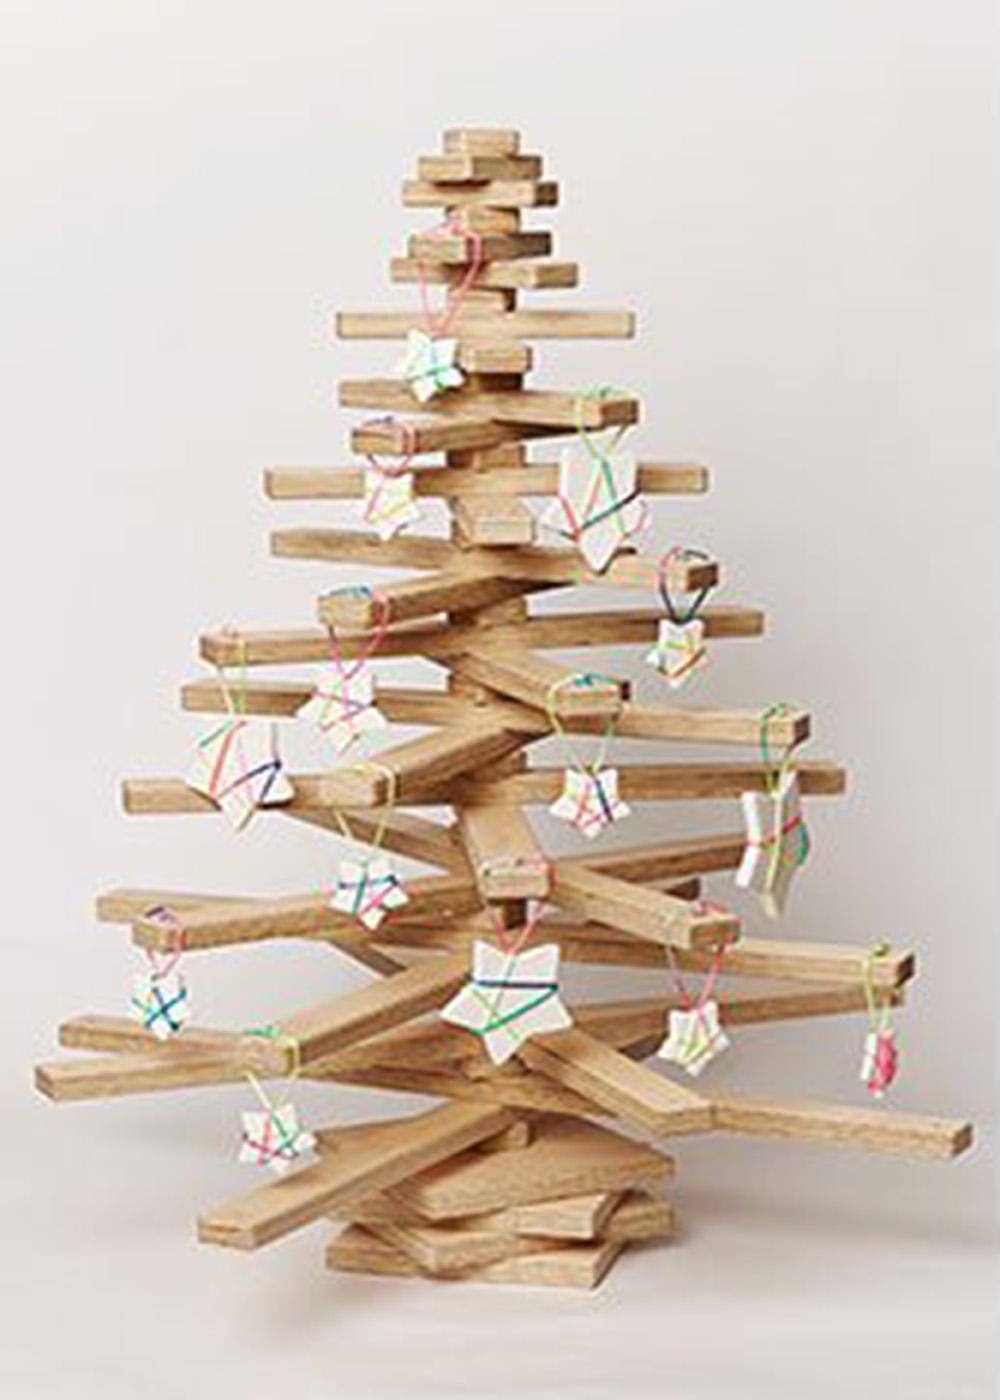 Com fer un arbre de nadal de fusta - Arboles de navidad de madera ...